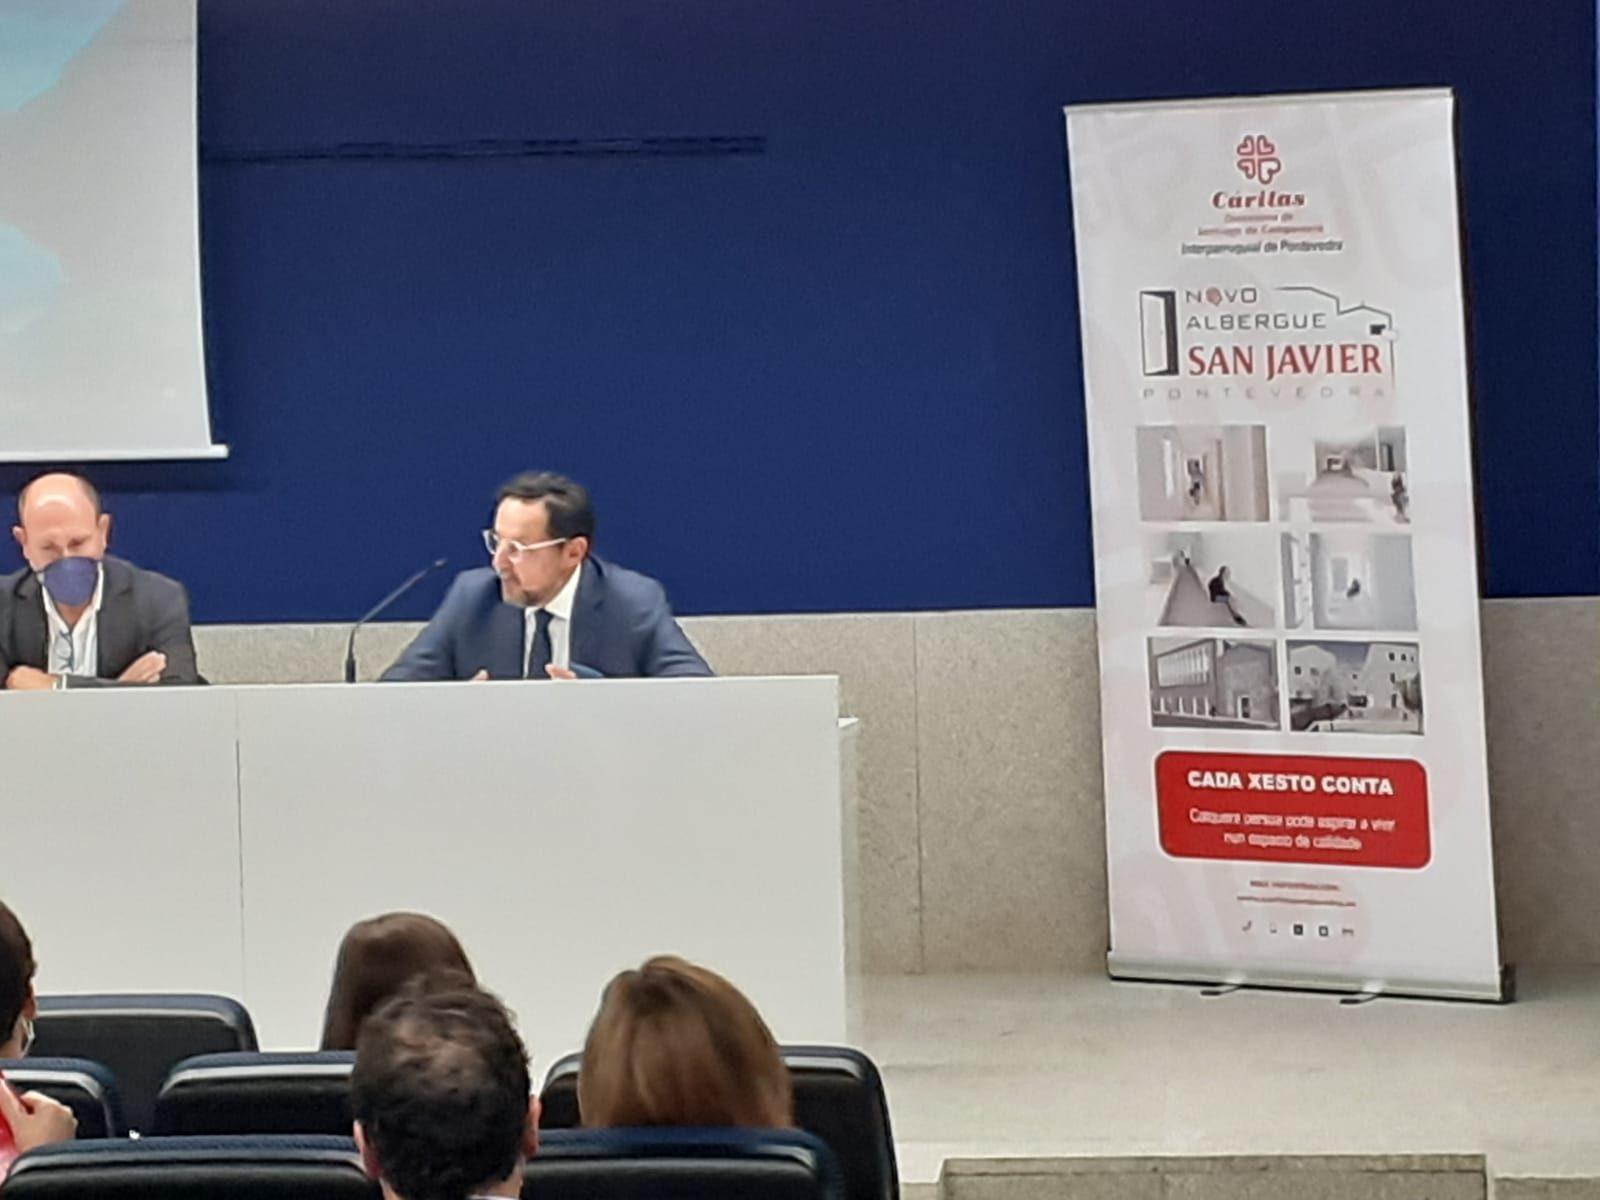 Juristas expertos en derecho privado de Galicia se vuelcan con el proyecto del nuevo albergue de Cáritas en Pontevedra